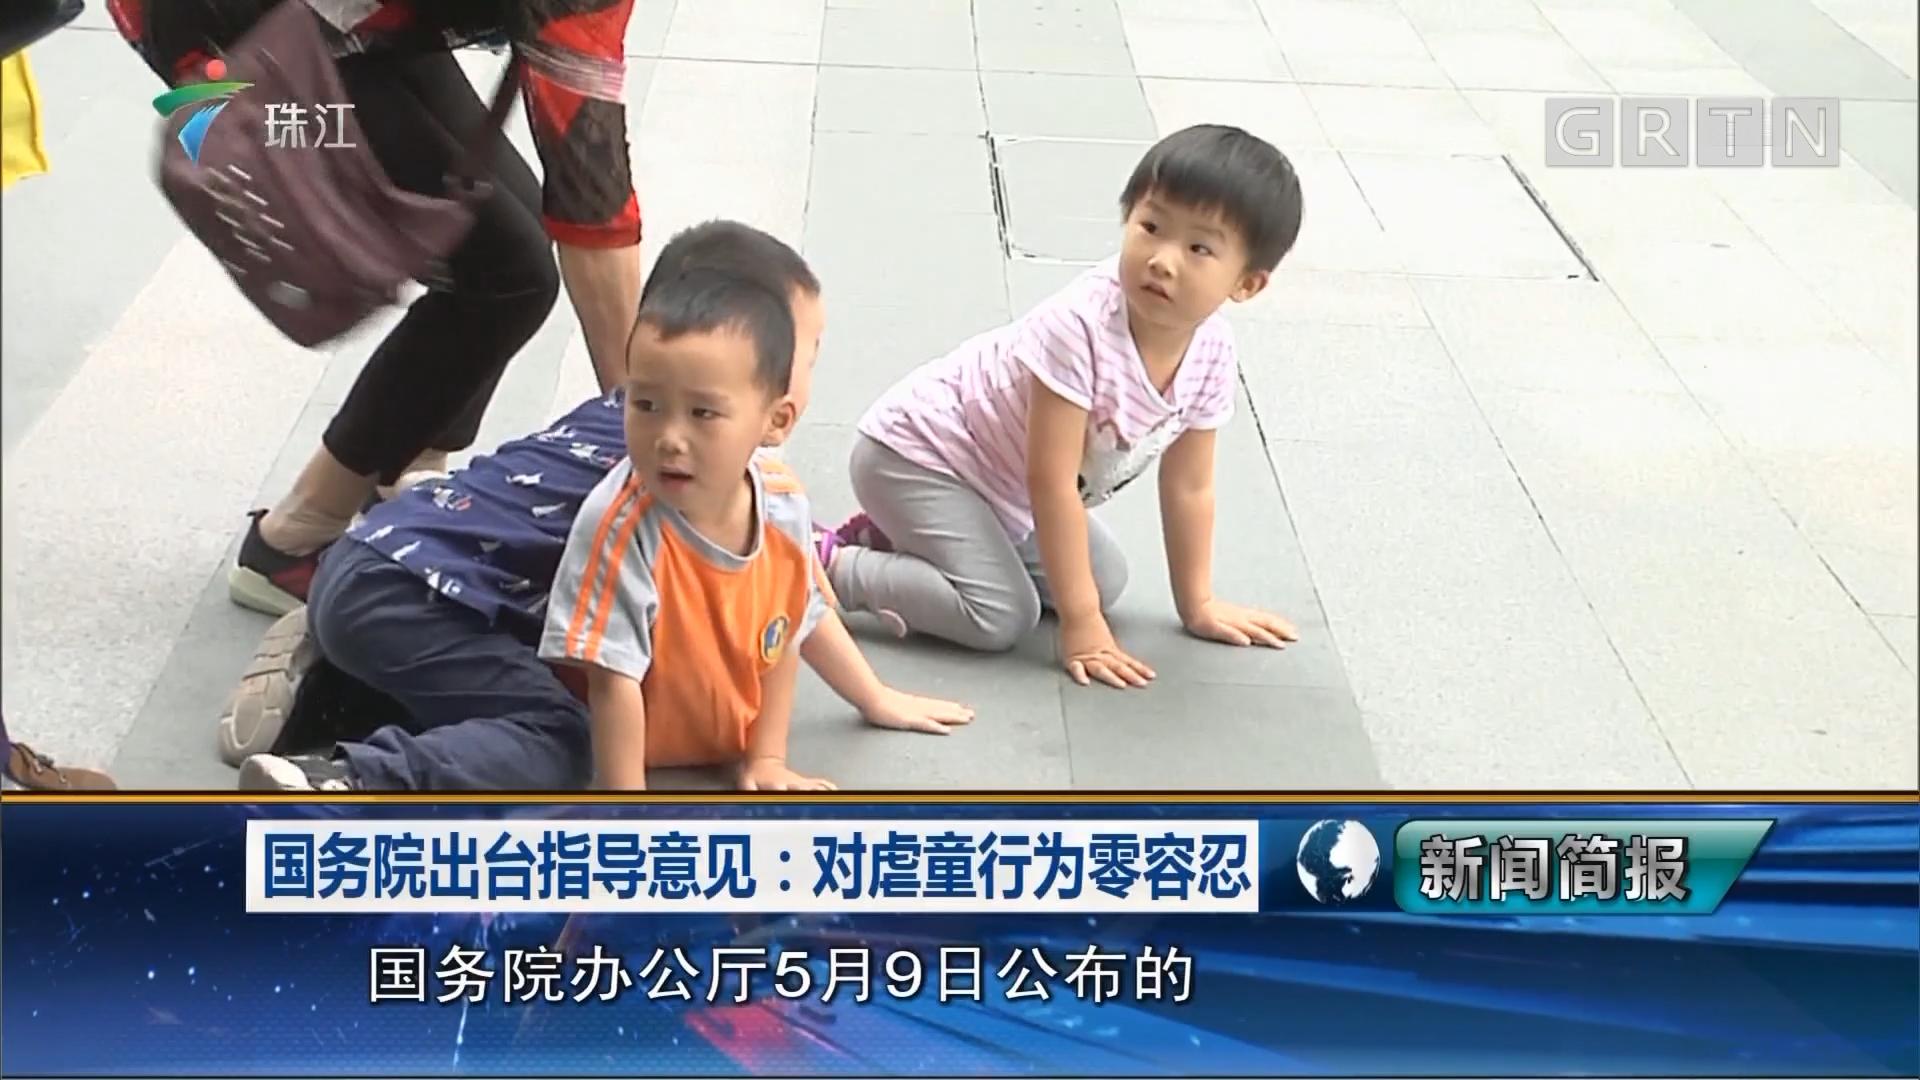 国务院出台指导意见:对虐童行为零容忍